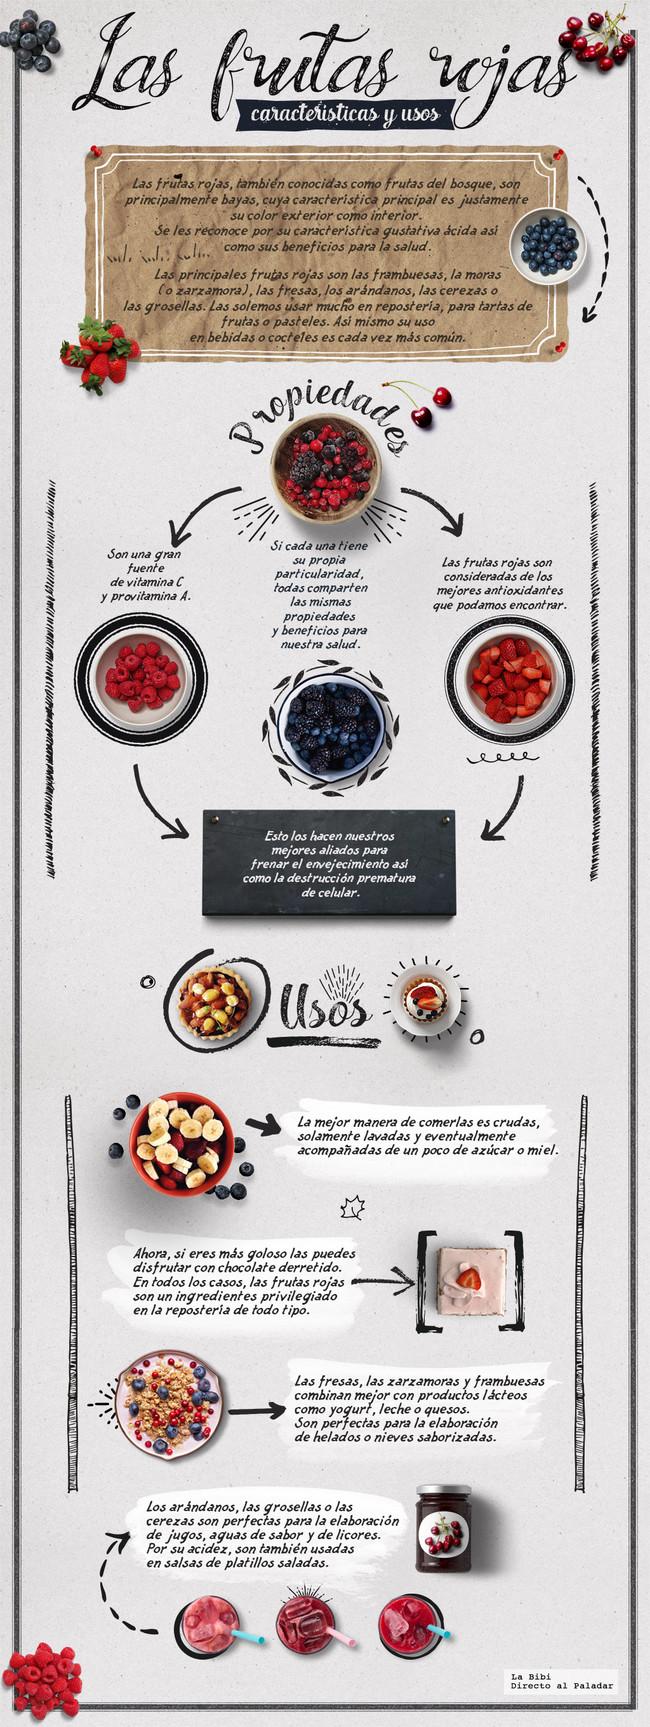 Las frutas rojas, características y usos. Infografia